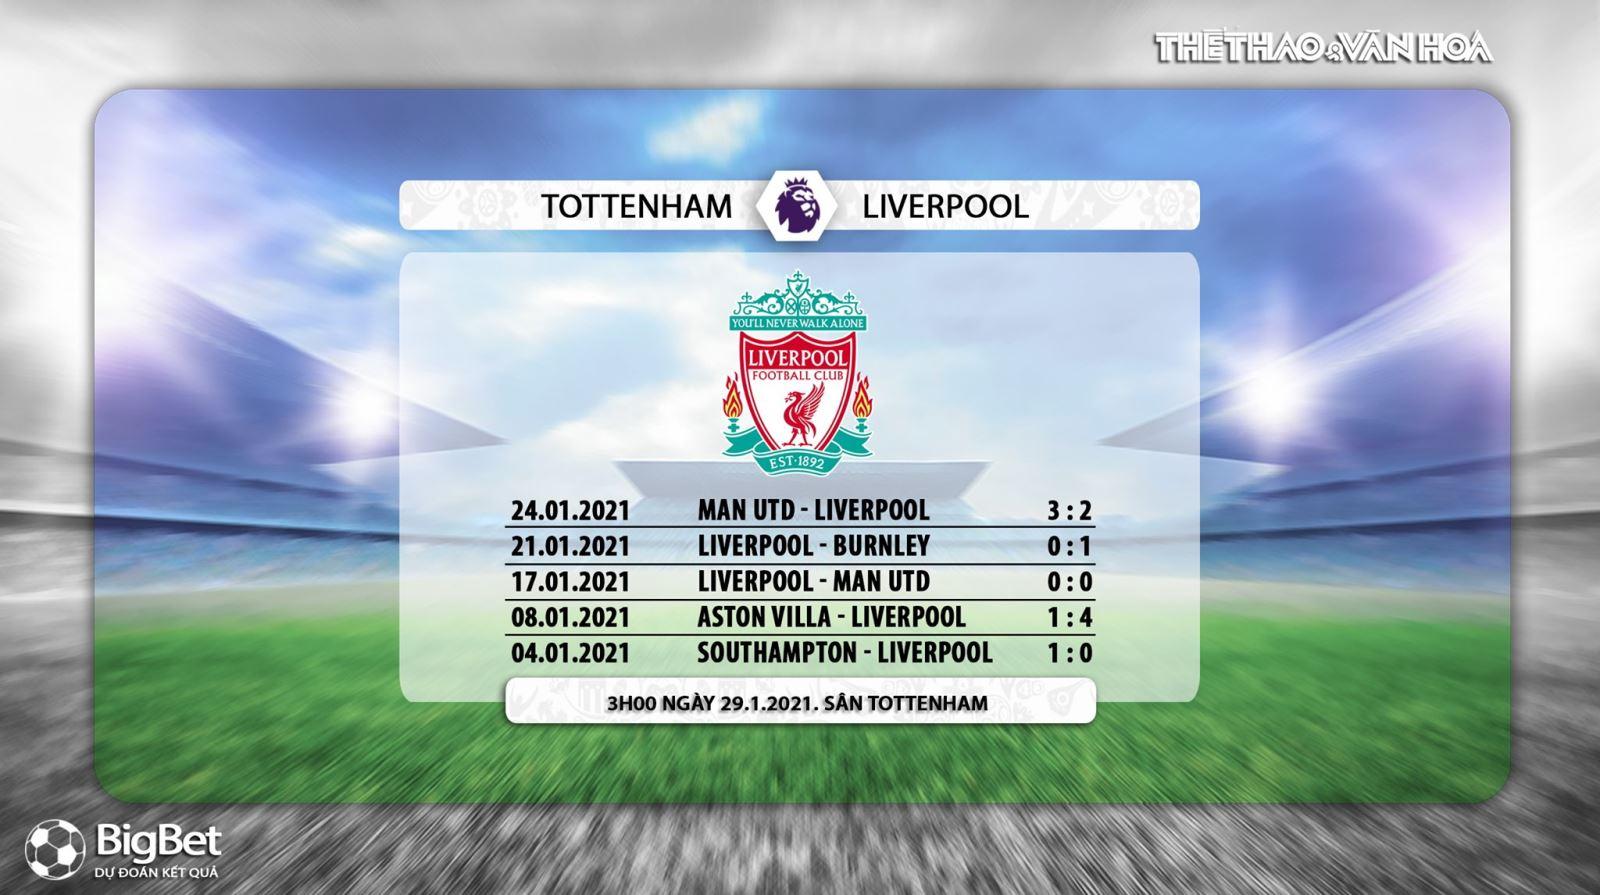 Keo nha cai, Kèo nhà cái, Tottenham vs Liverpool, K+PM trực tiếp bóng đá Anh, vòng 20 Ngoại hạng Anh, Trực tiếp K+PM, Trực tiếp bóng đá, kèo Tottenham vs Liverpool, K+PM